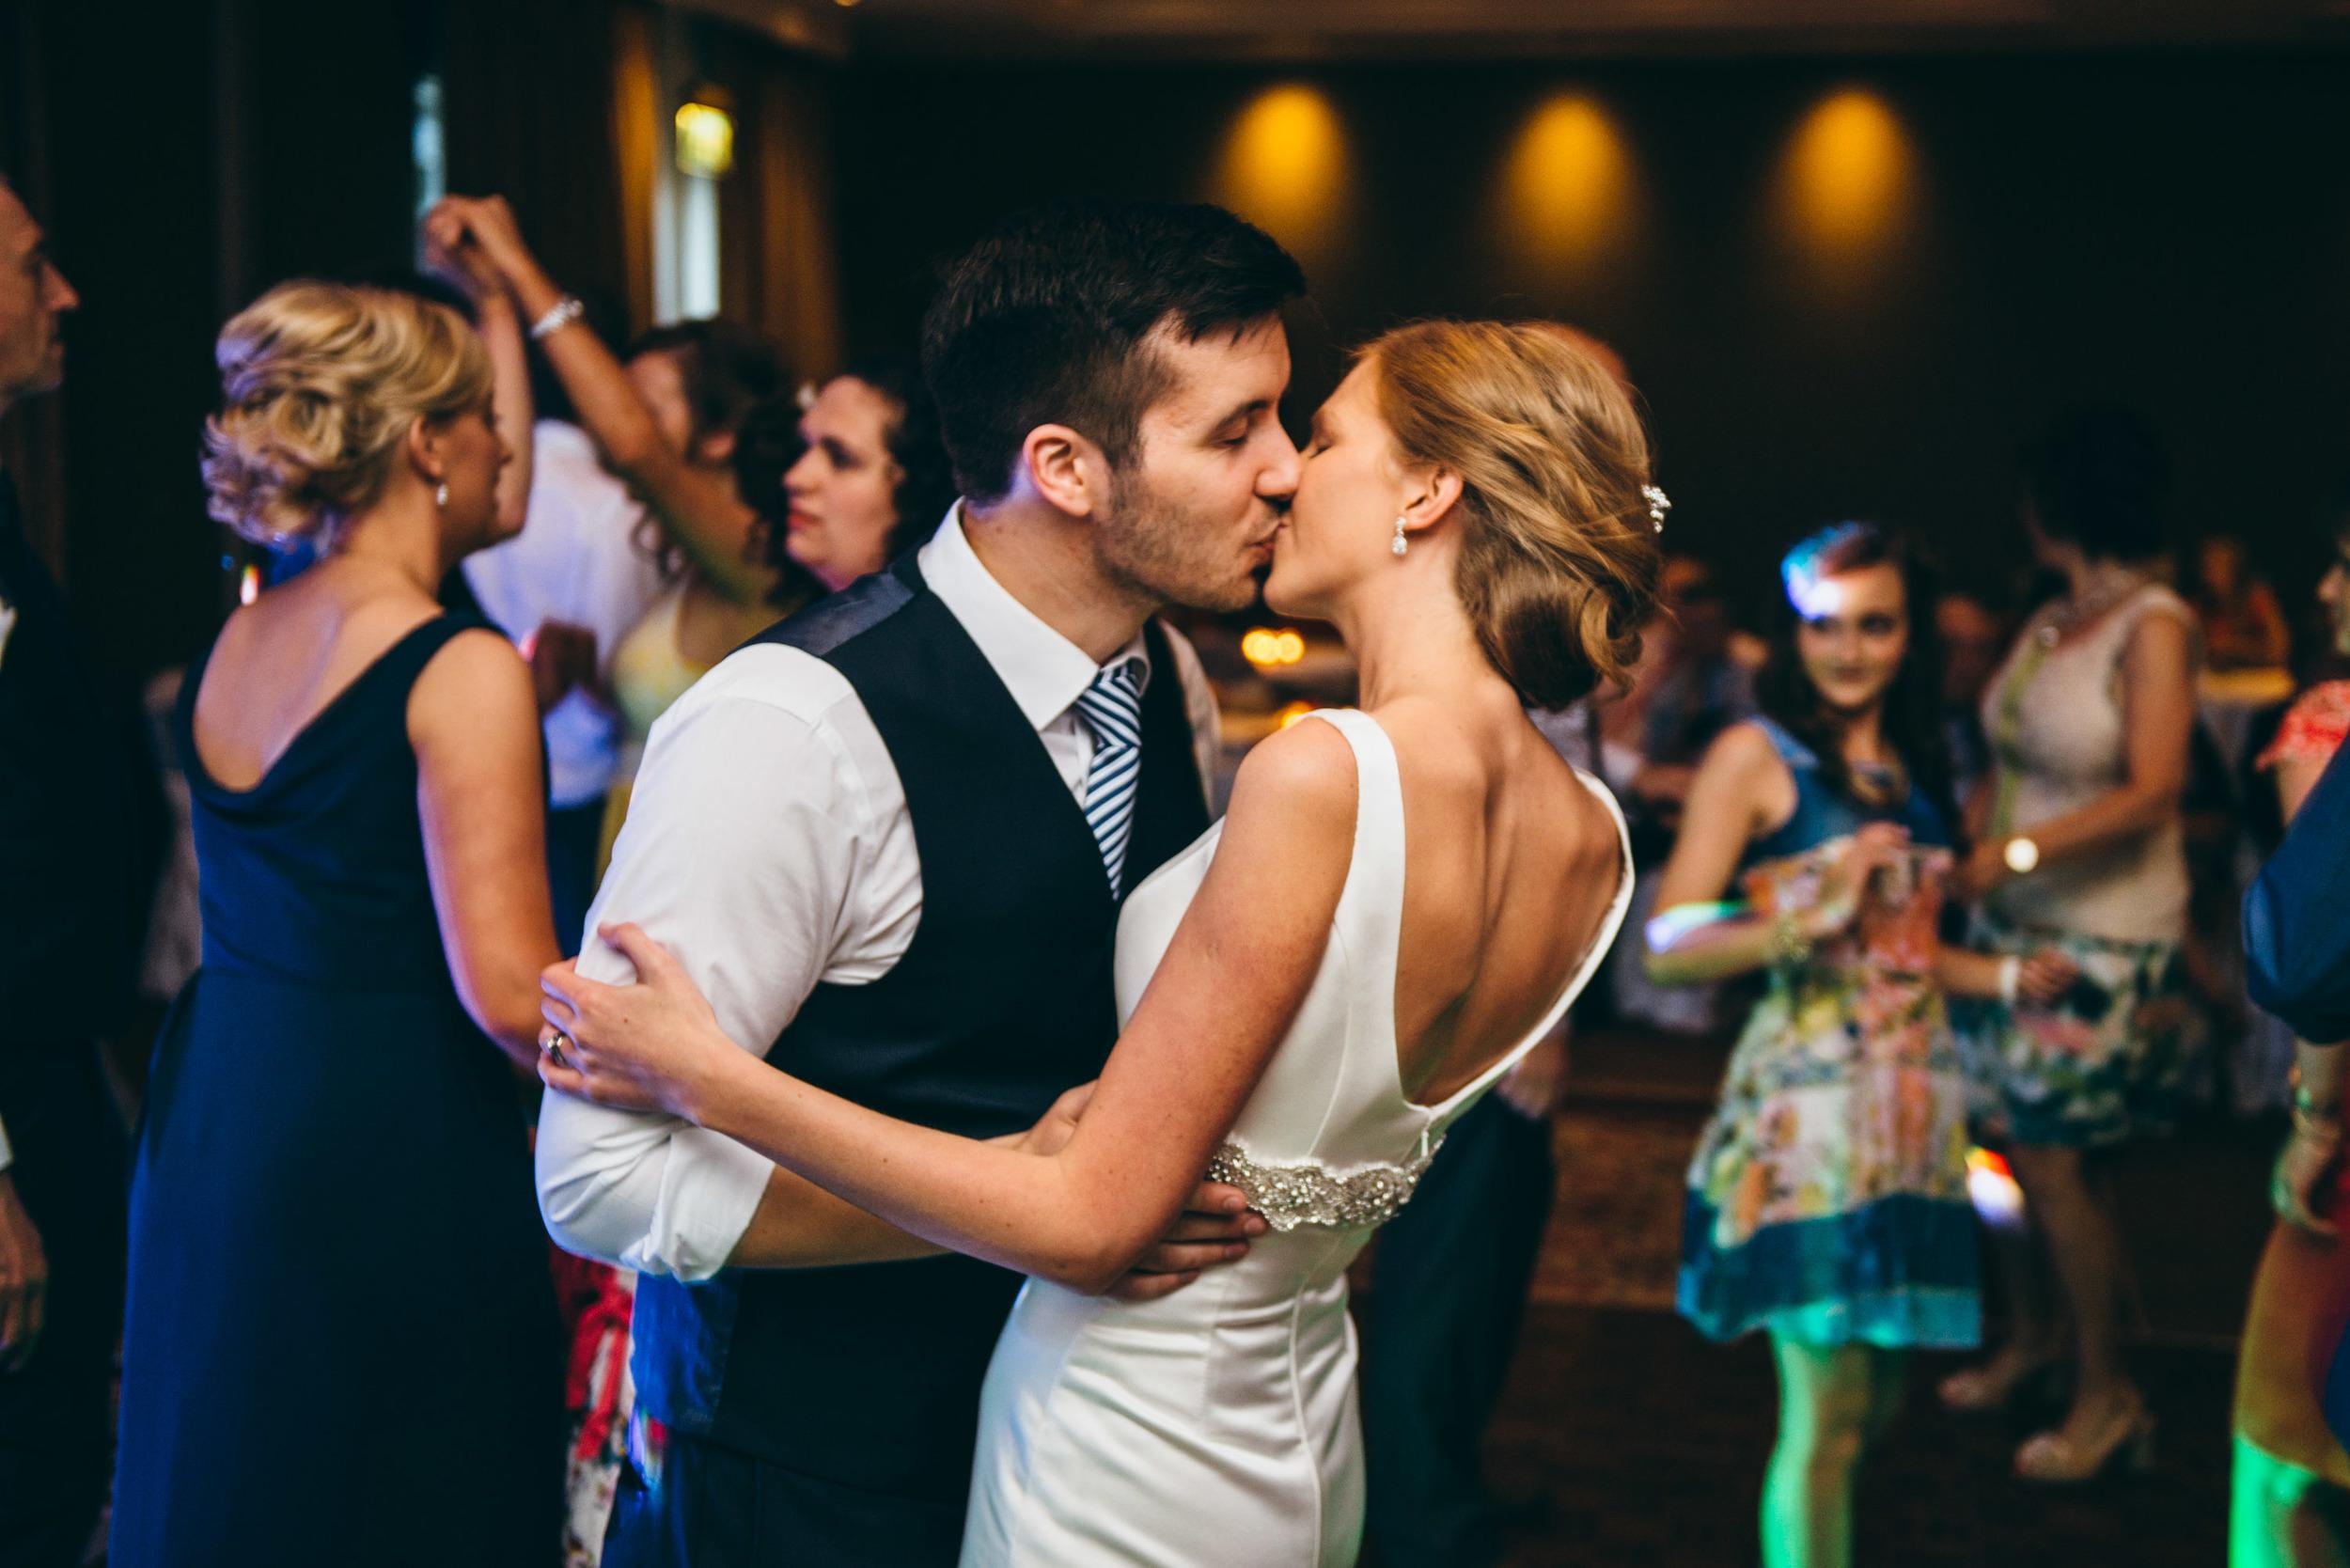 Peter Mackey NI Wedding Photography (65 of 65).jpg